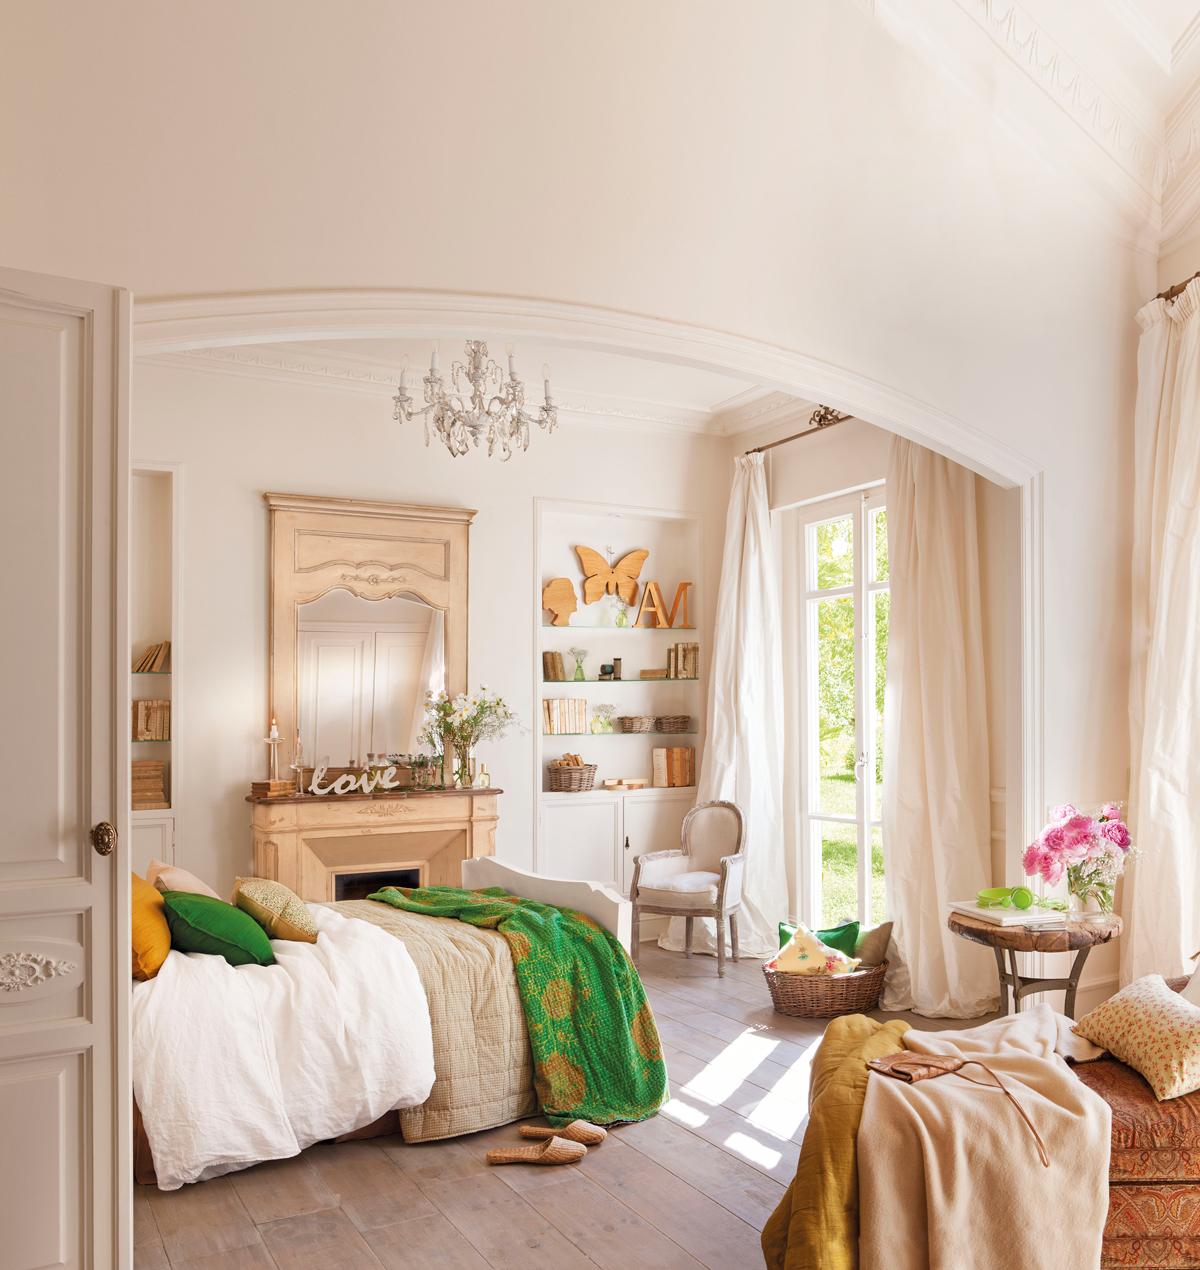 Decora tu dormitorio con estilo vintage for Color del dormitorio de los padres